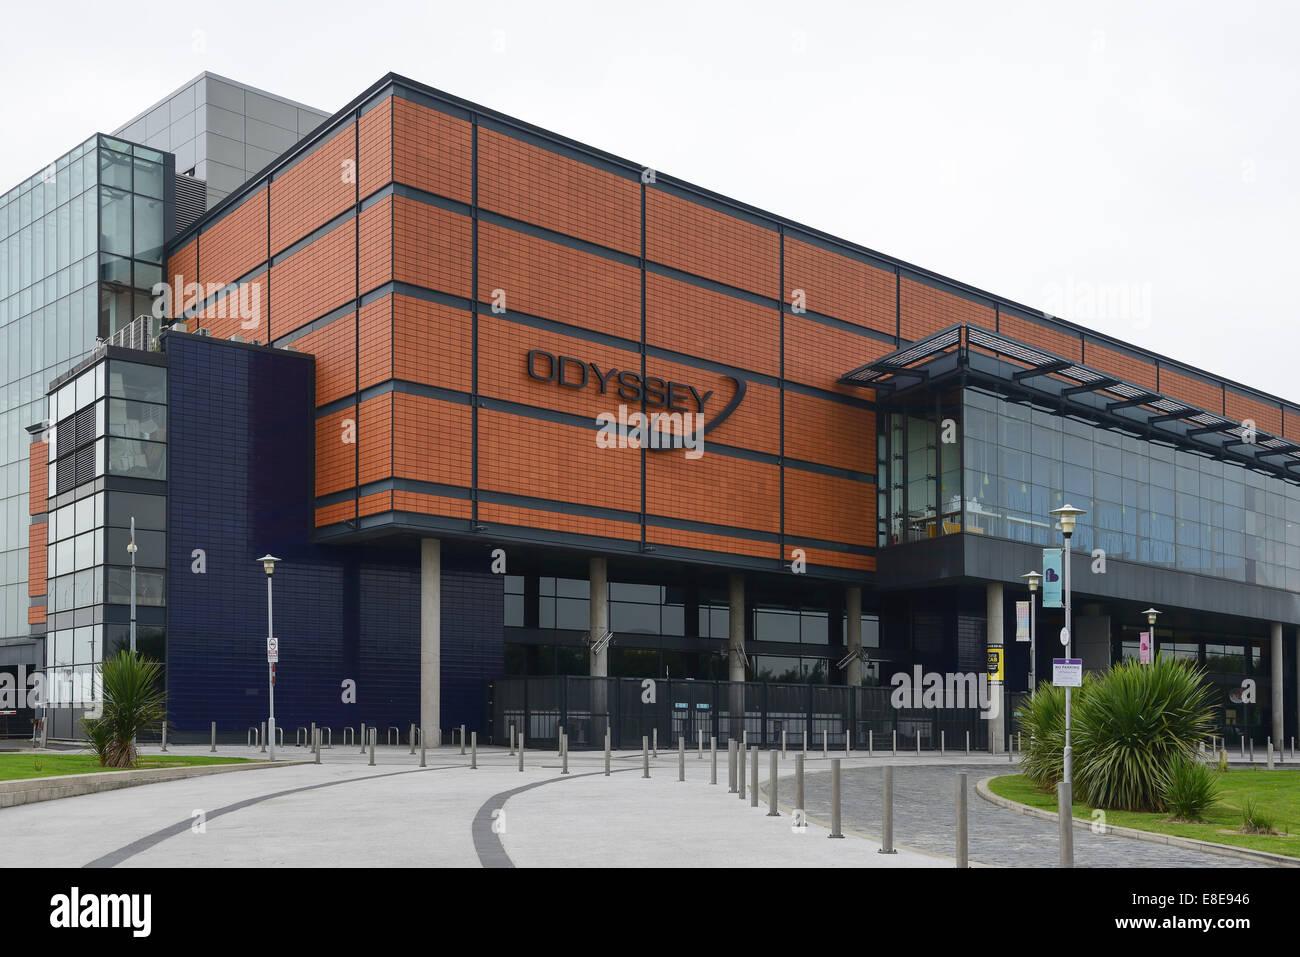 Odyssey Arena Veranstaltungsort Belfast Nordirland Vereinigtes Königreich Stockbild